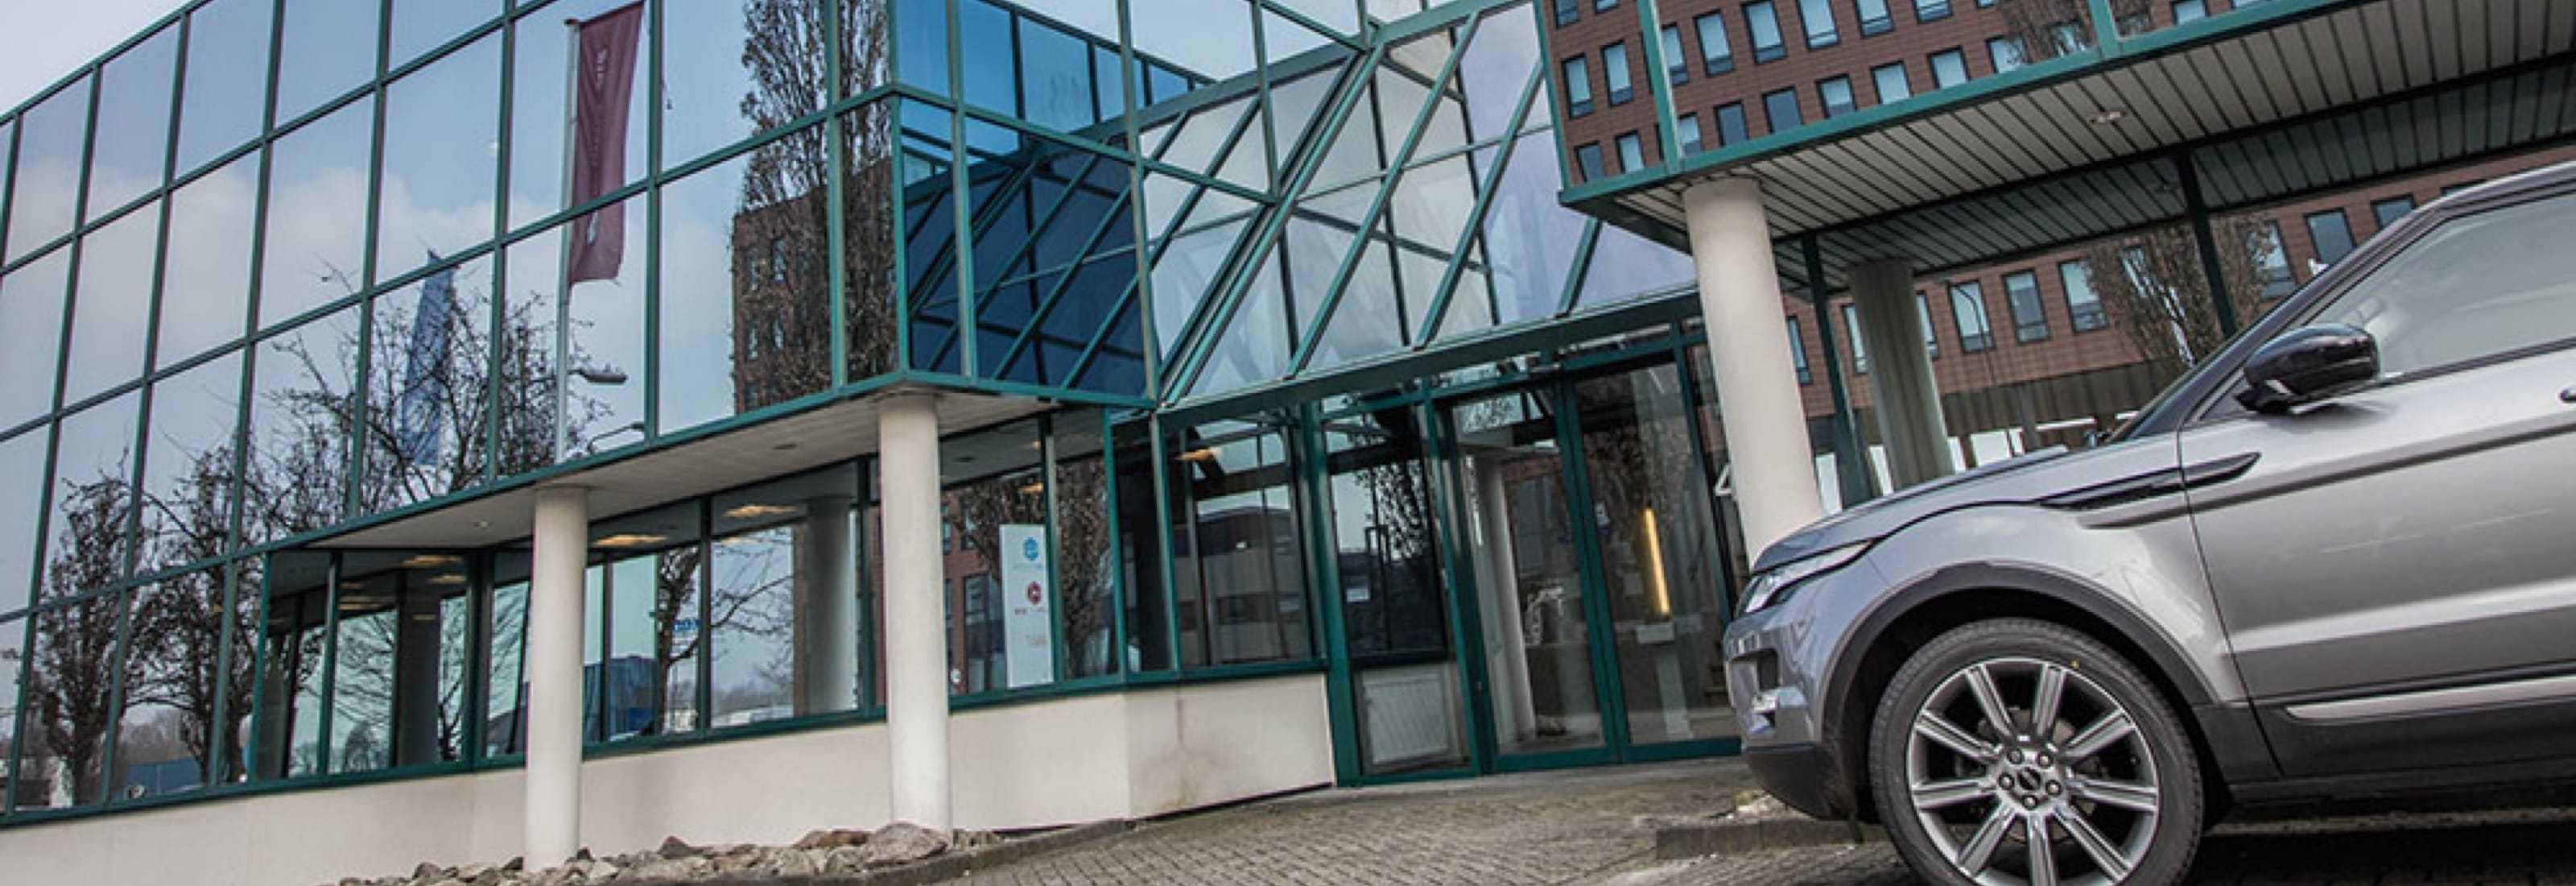 Tielemans Administraties - Administratiekantoor in Son en Breugel